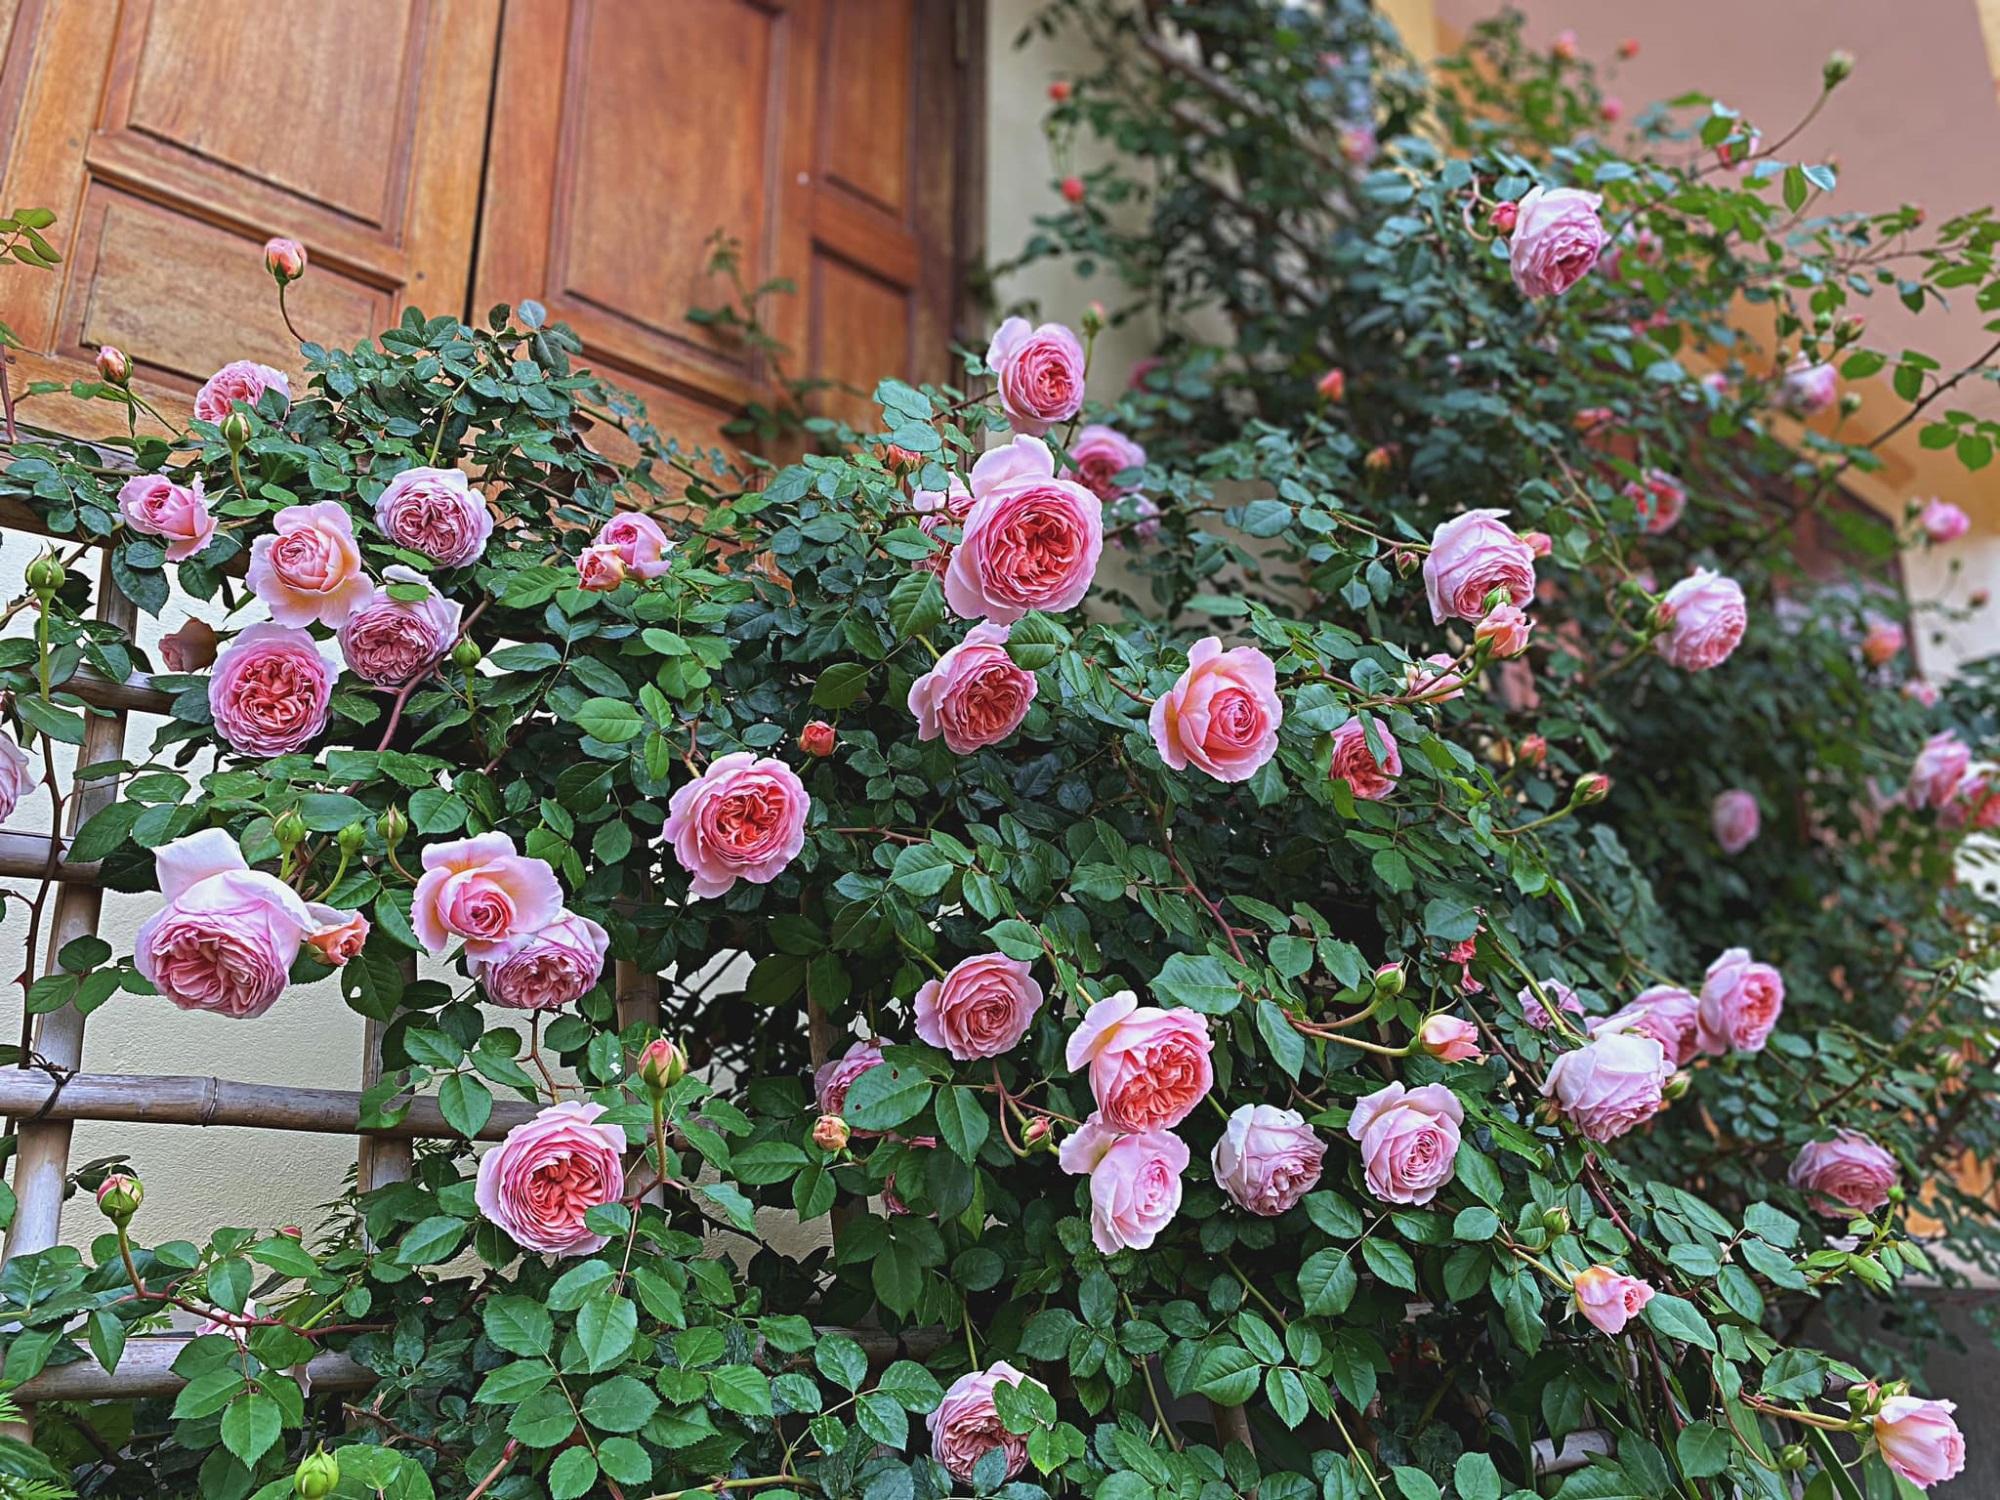 Bí quyết cực dễ để chăm giàn hồng leo nở hoa ngút ngàn, đẹp như trời tây - Ảnh 8